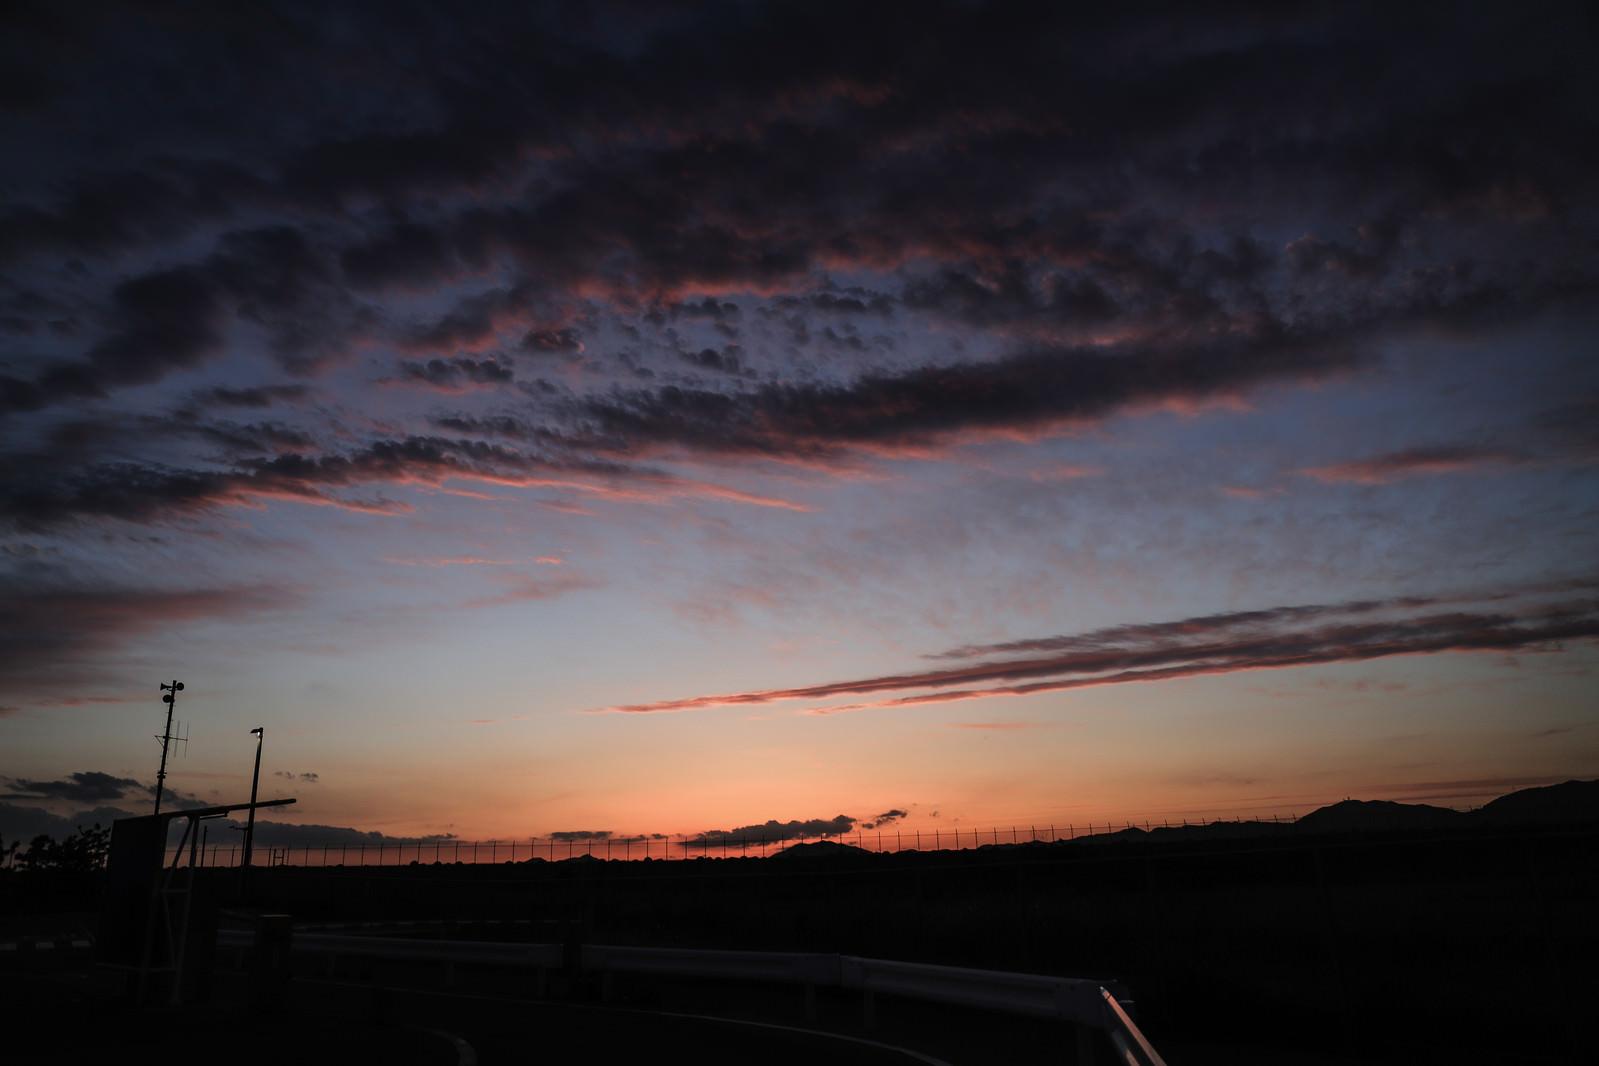 「日没前の焼けた空」の写真